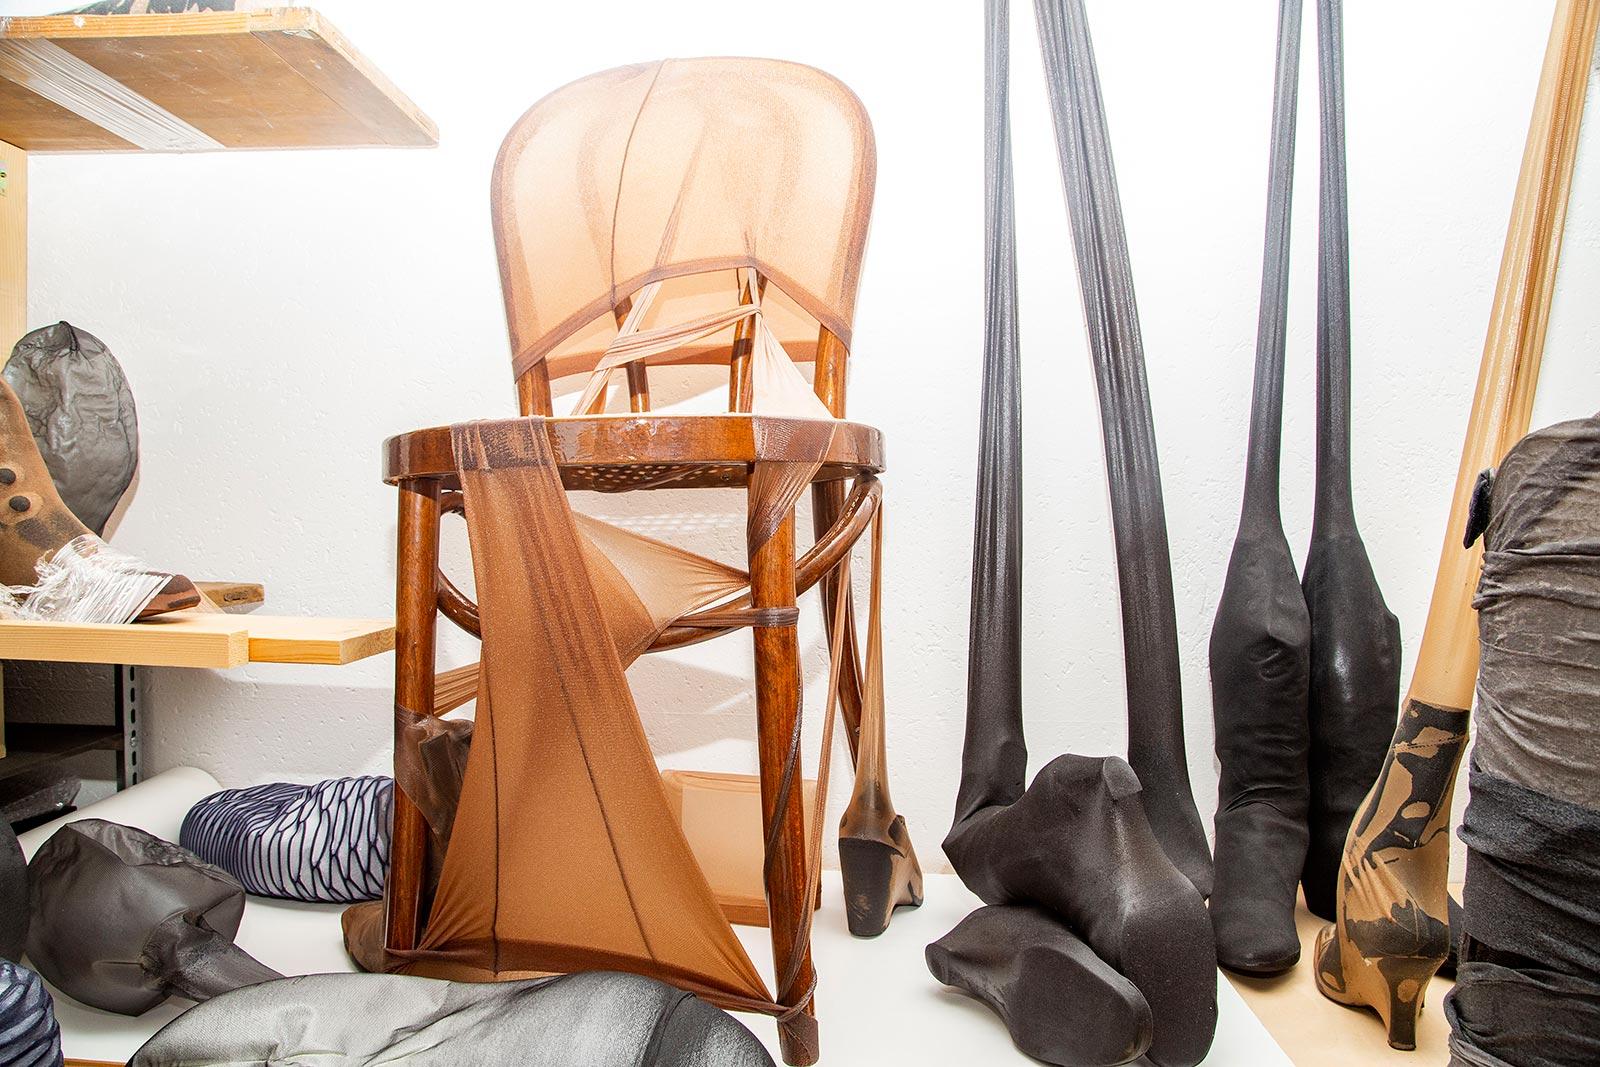 Werklager im Atelier auf einem Regal